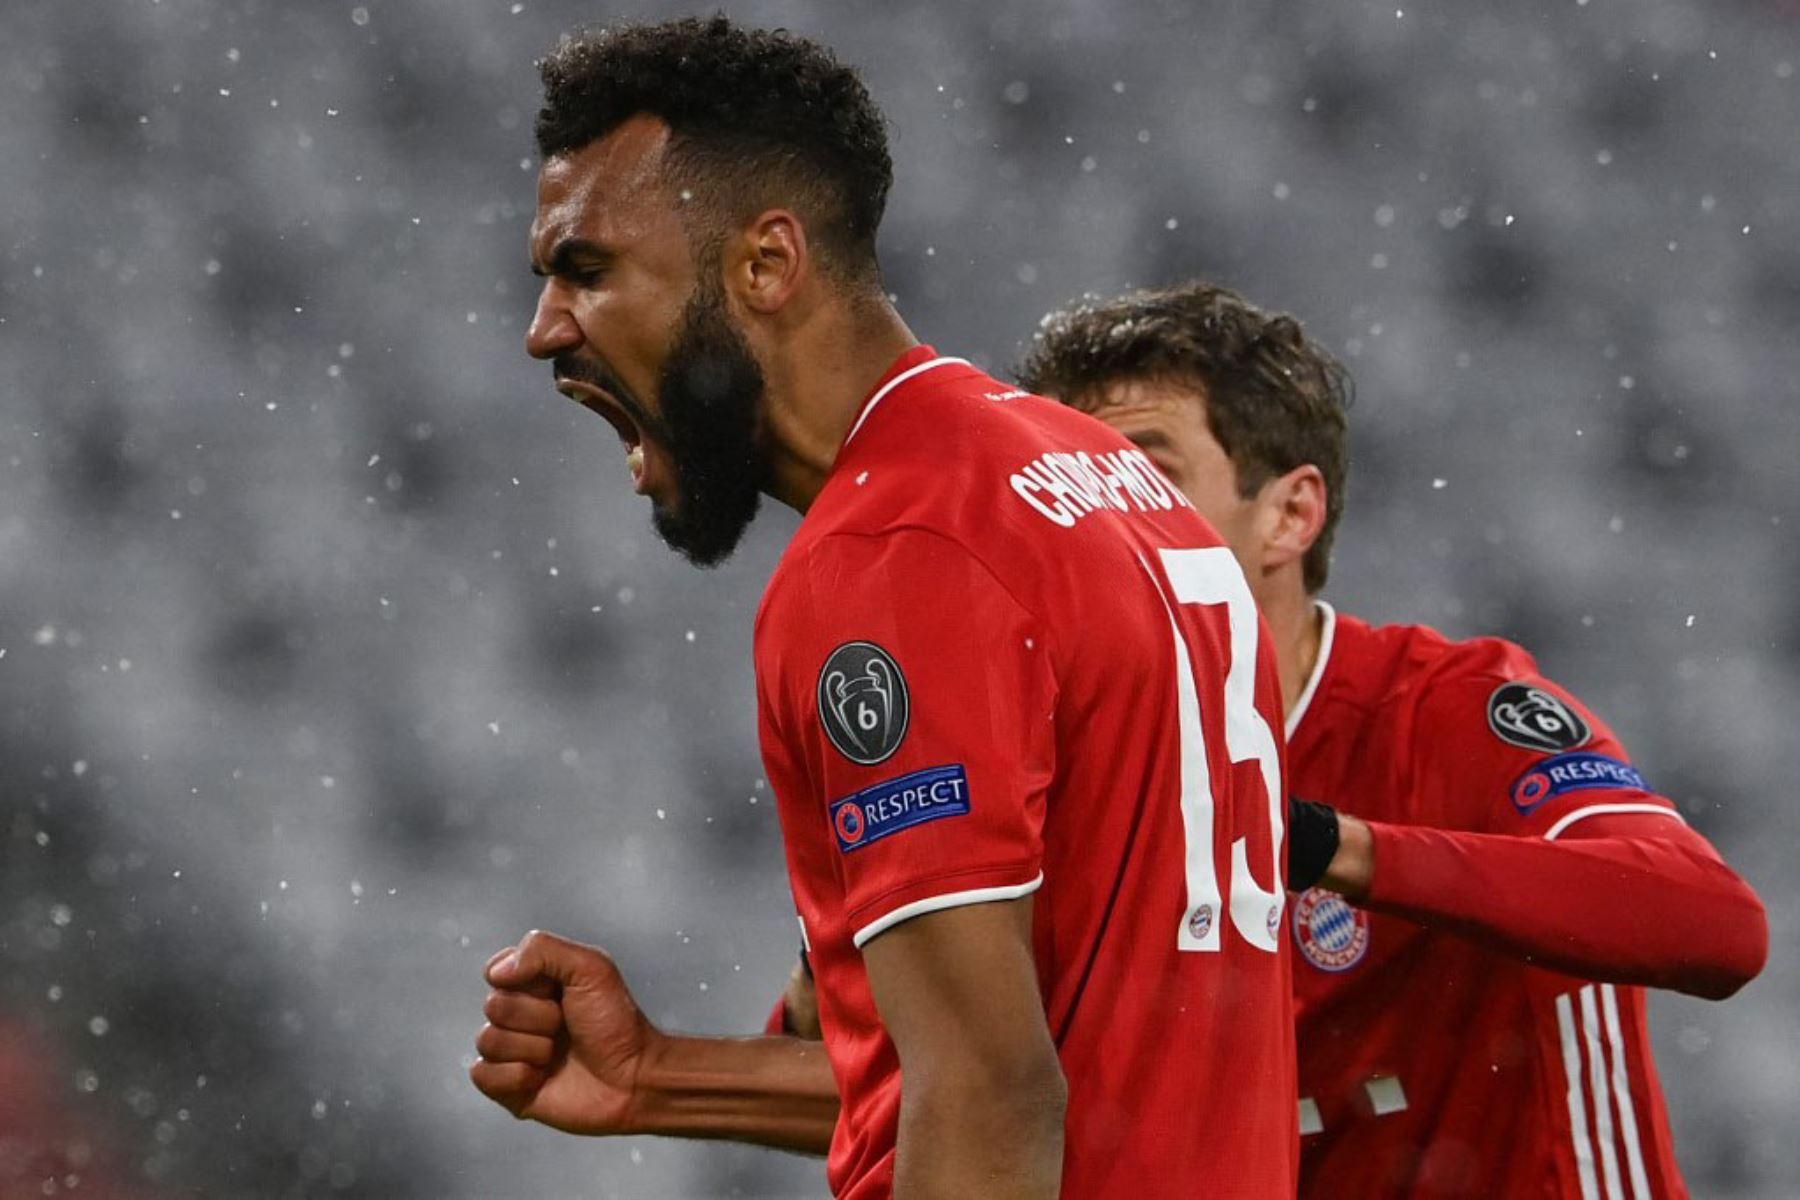 El delantero camerunés del Bayern de Múnich Eric Maxim Choupo-Moting (L) celebra marcando el gol 1-2 con su compañero de equipo, el delantero alemán del Bayern de Múnich Thomas Mueller durante los cuartos de final de la Liga de Campeones de la UEFA el primer partido de fútbol entre el FC Bayern de Múnich y el Paris Saint- Germain (PSG) en Munich.  Foto:AFP